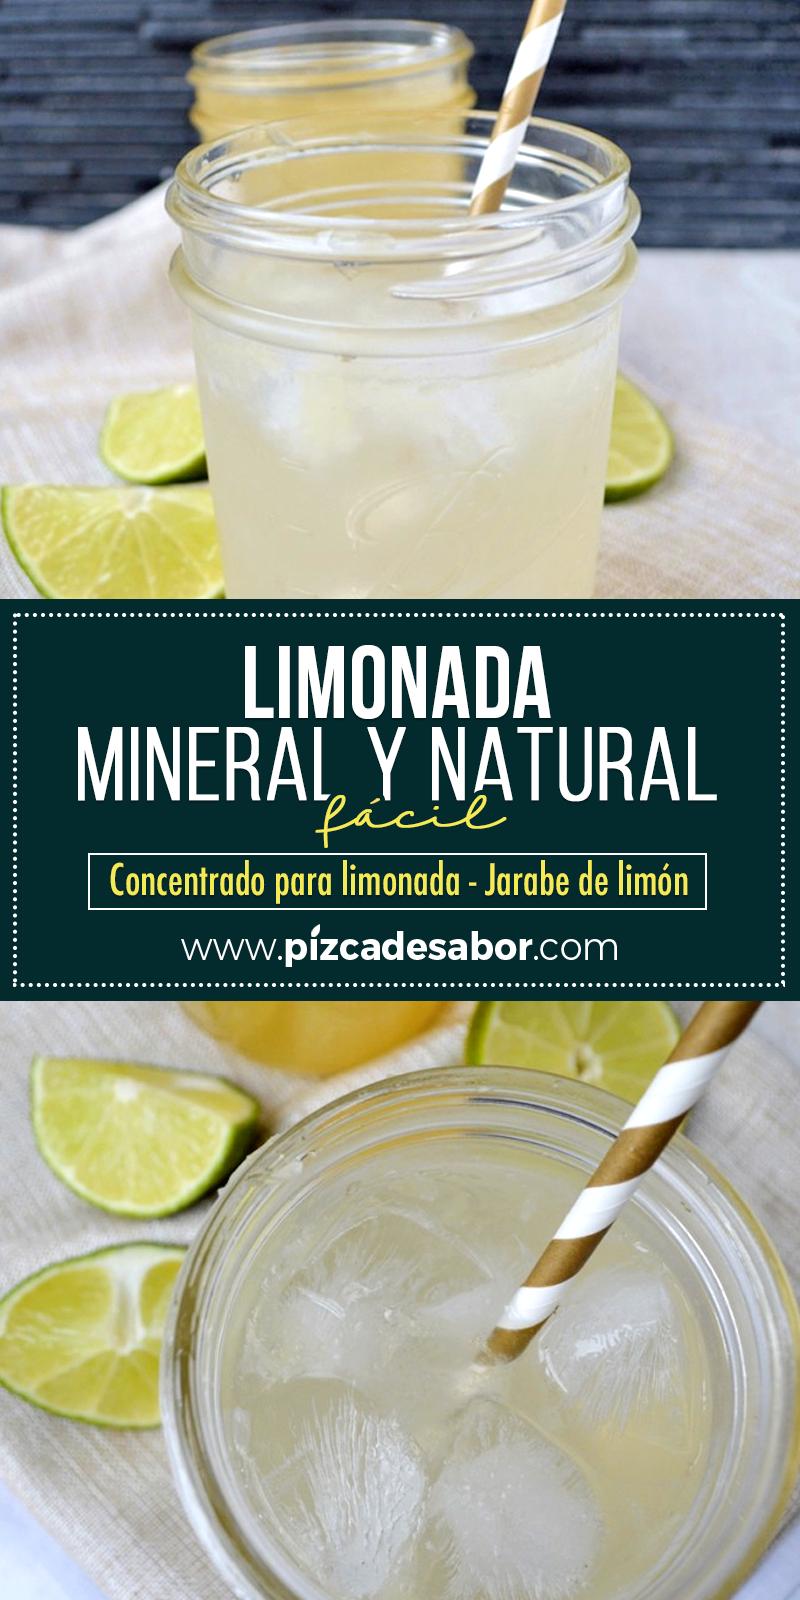 92534bf6ff91079800ca16a39a84a1aa - Limonadas Recetas